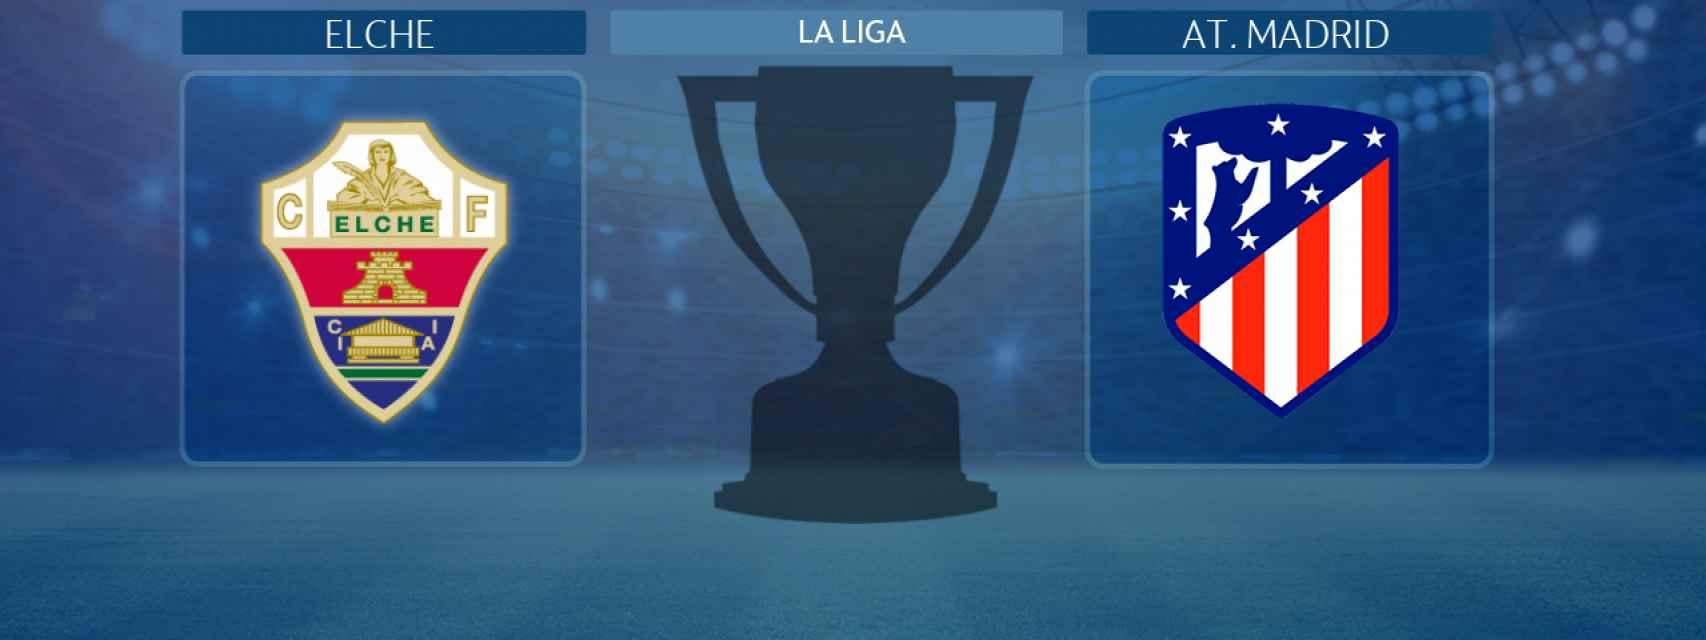 Elche - Atlético de Madrid, partido de La Liga